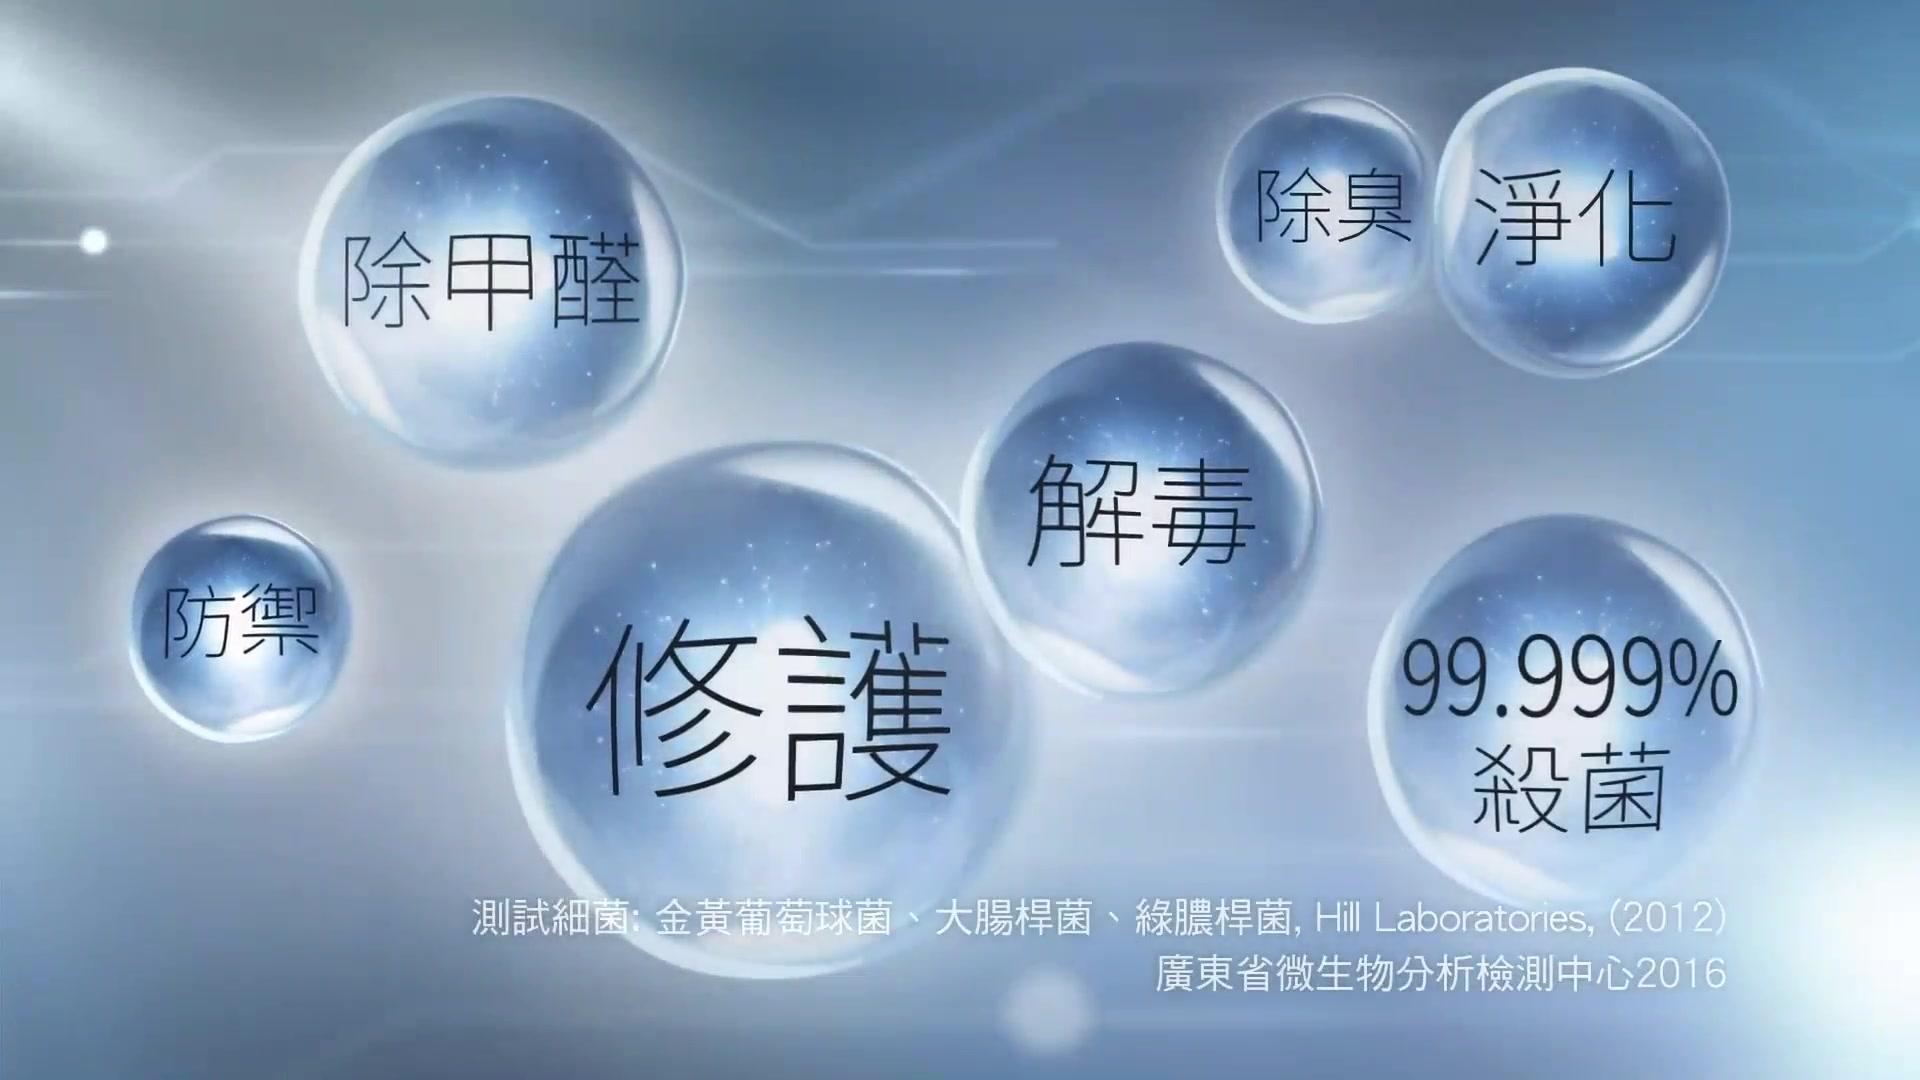 央视广告欣赏-AQ Bio Sanitizer